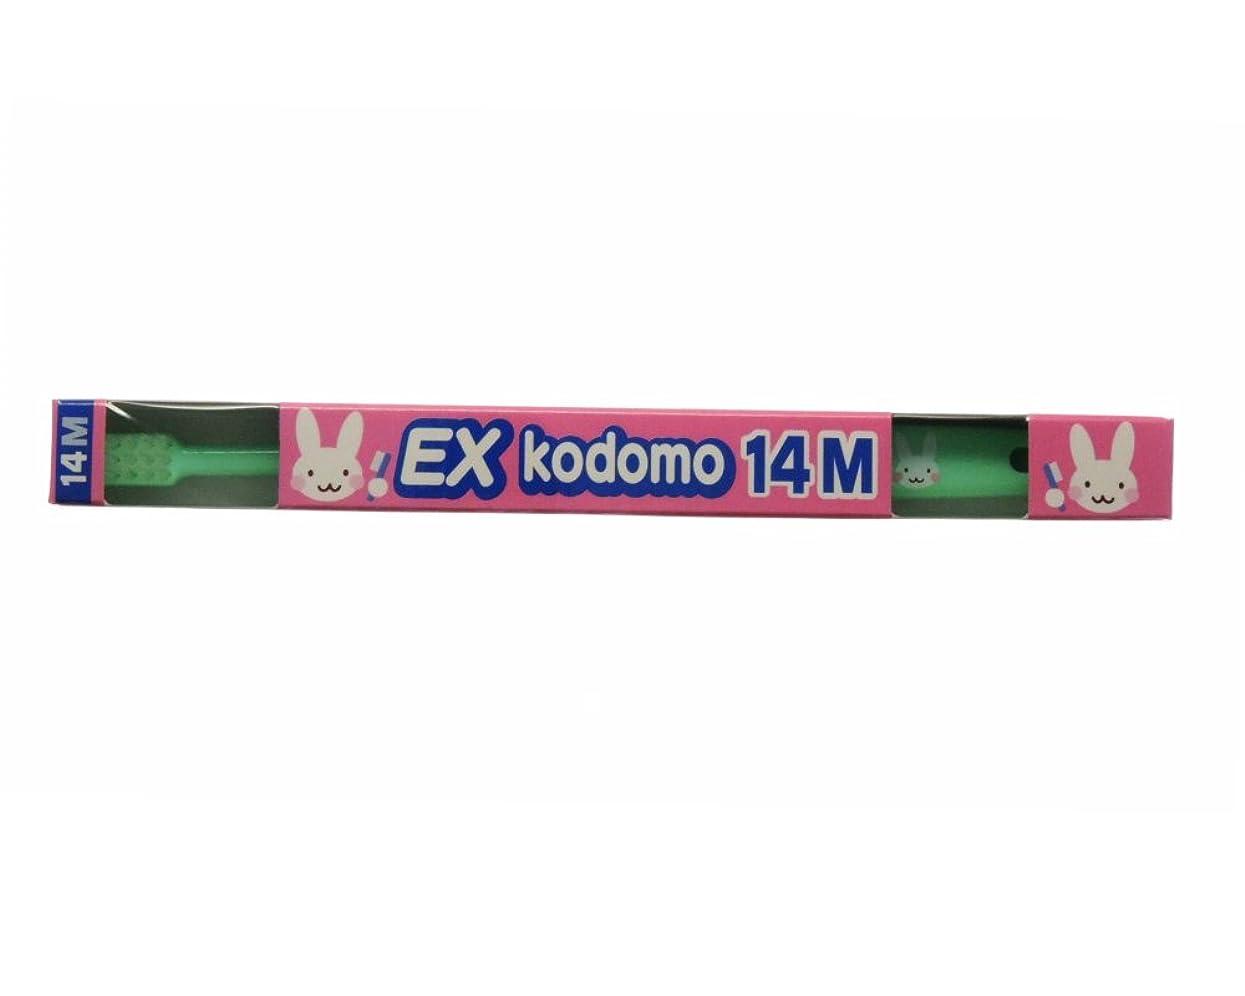 の間に頑固なかまどDENT.EX kodomo/11M グリーン (混合歯列後期用?8?12歳)